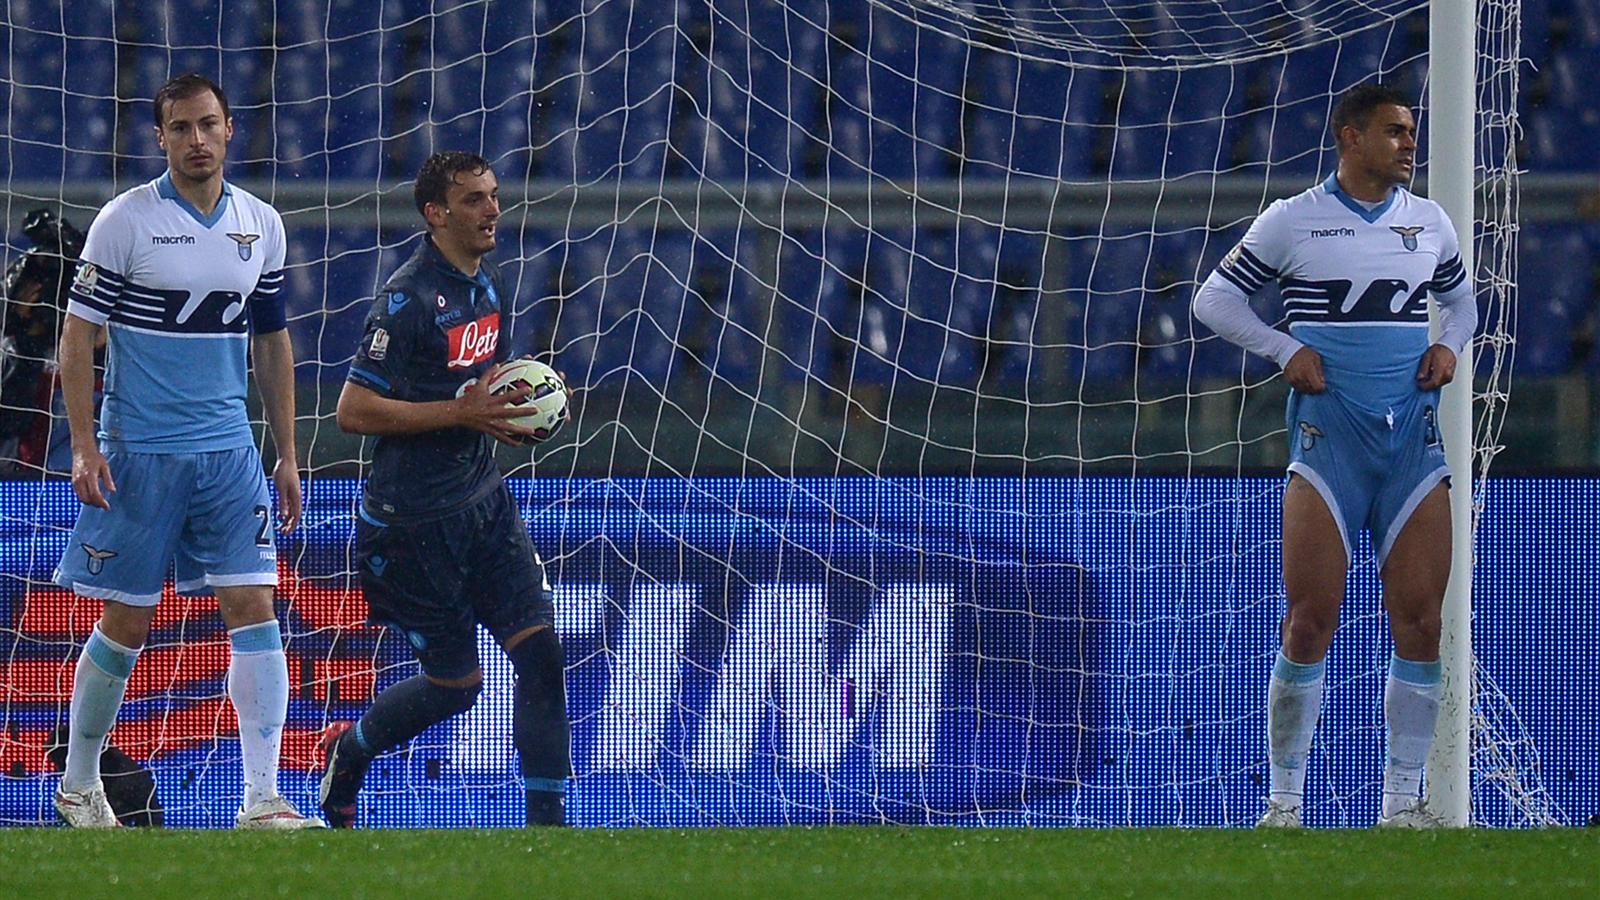 Naples arrache le match nul face à la Lazio 1-1 en demi-finale aller